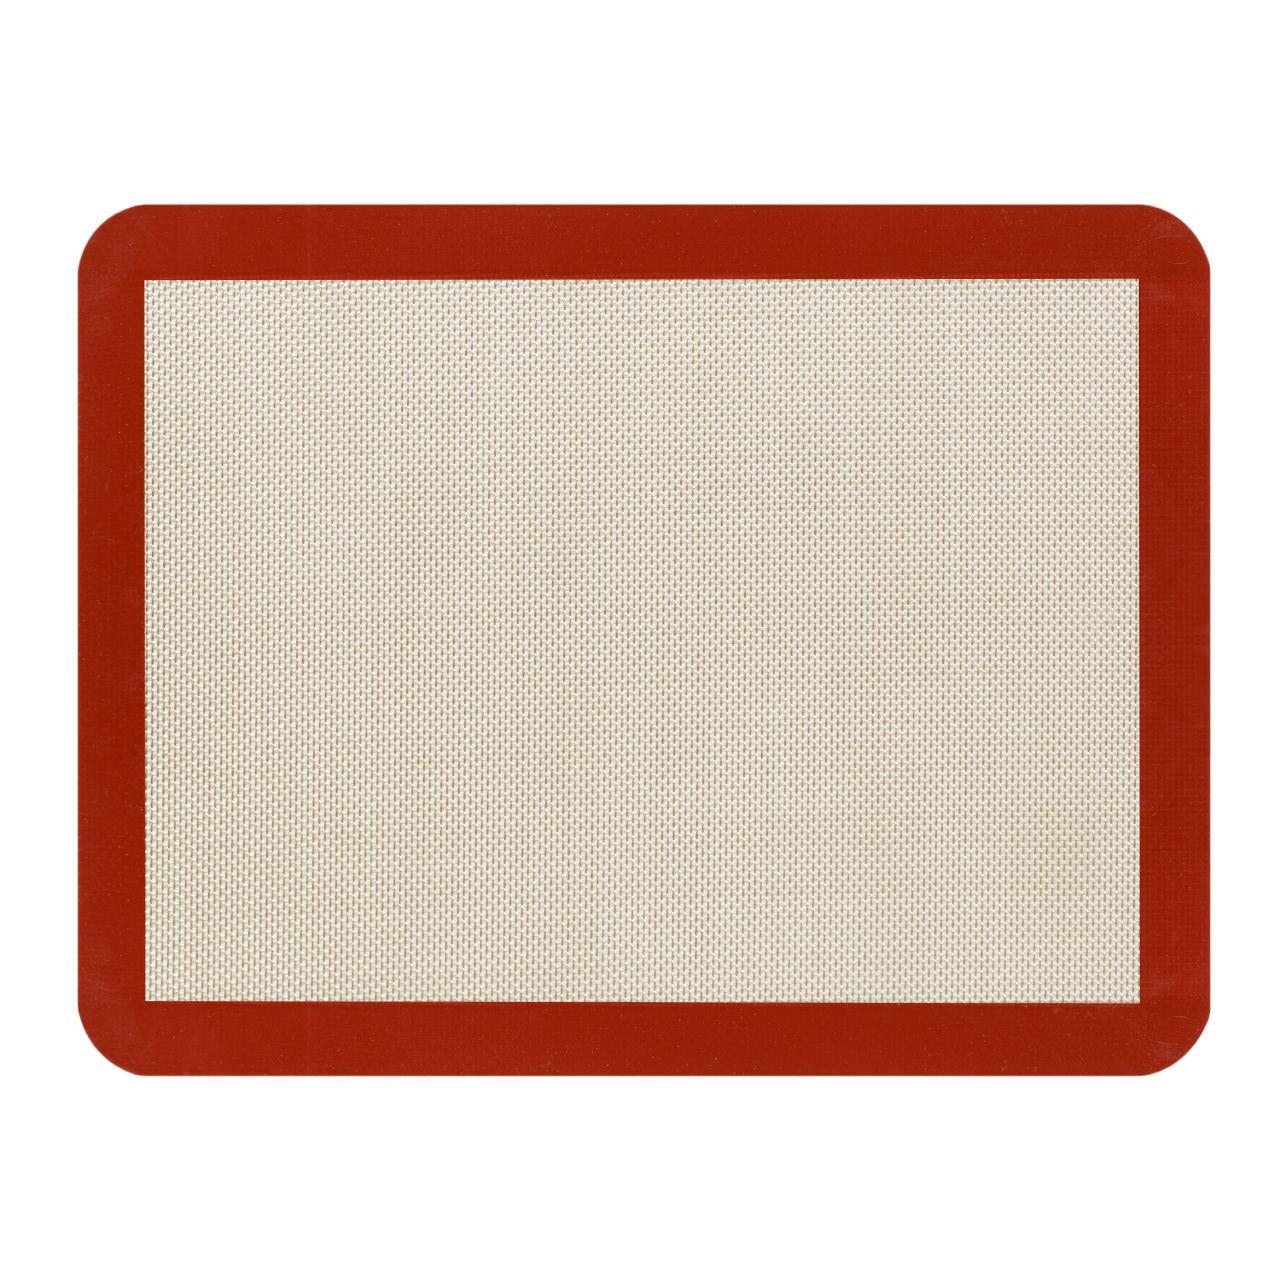 Силиконовый коврик 31х52 см для выпечки